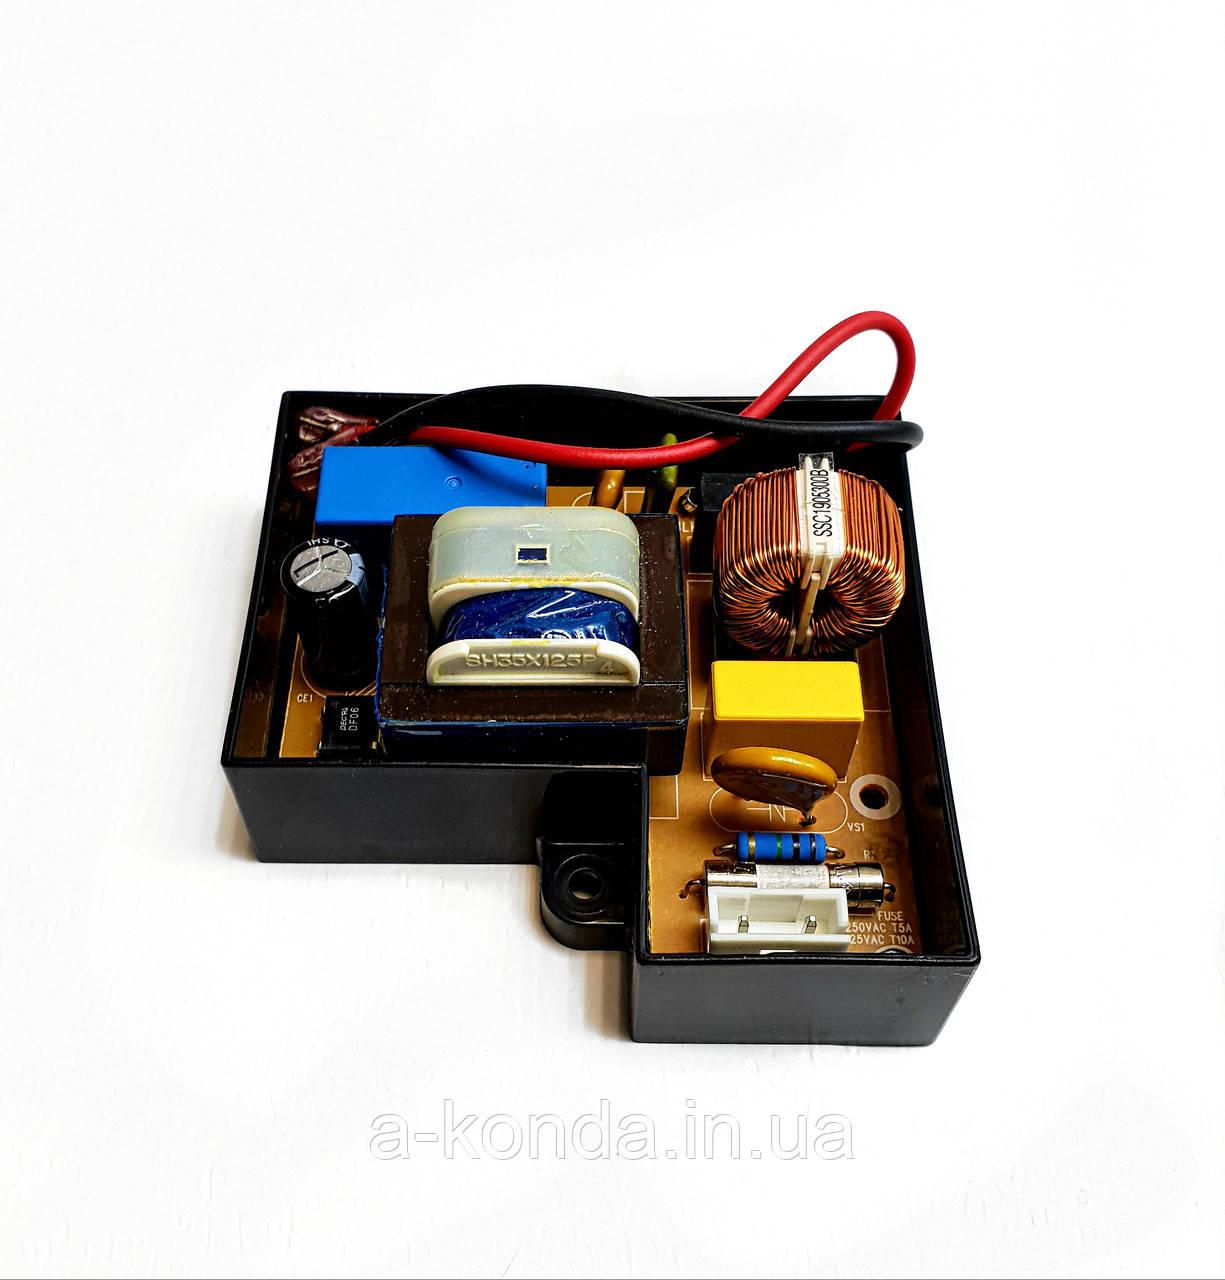 Плата питания (модуль) для соковыжималки Zelmer JP1500